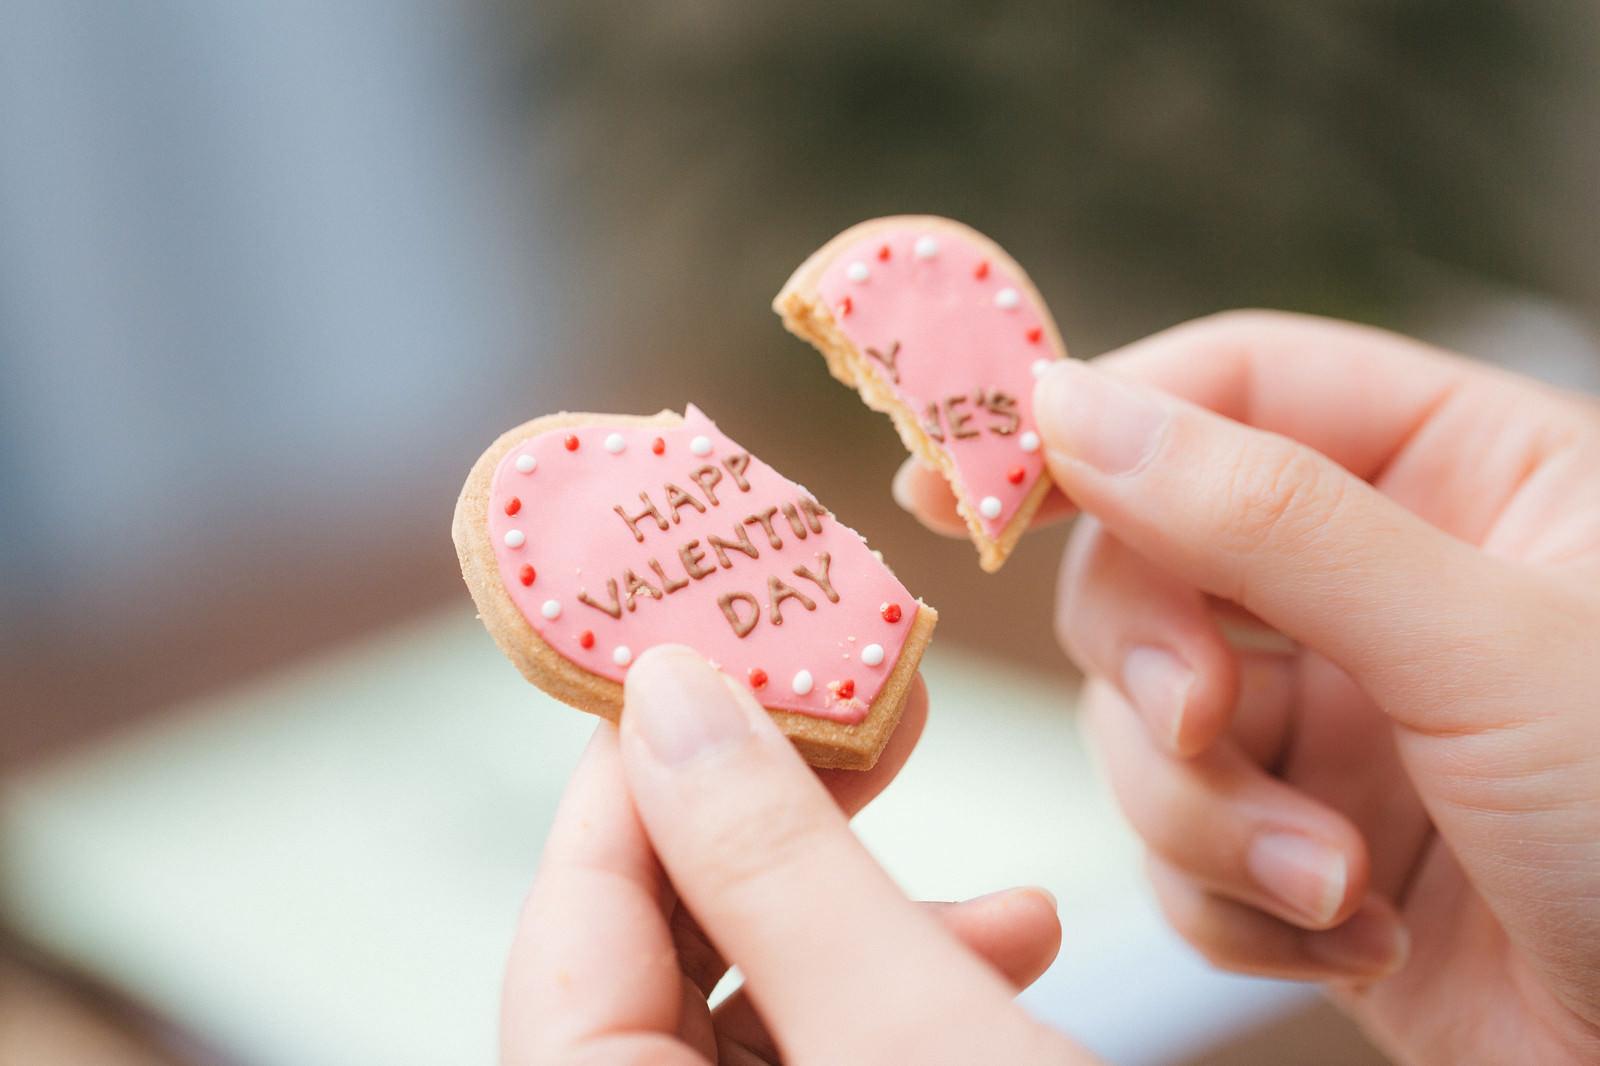 「ハッピーバレンタイン終了のお知らせハッピーバレンタイン終了のお知らせ」のフリー写真素材を拡大